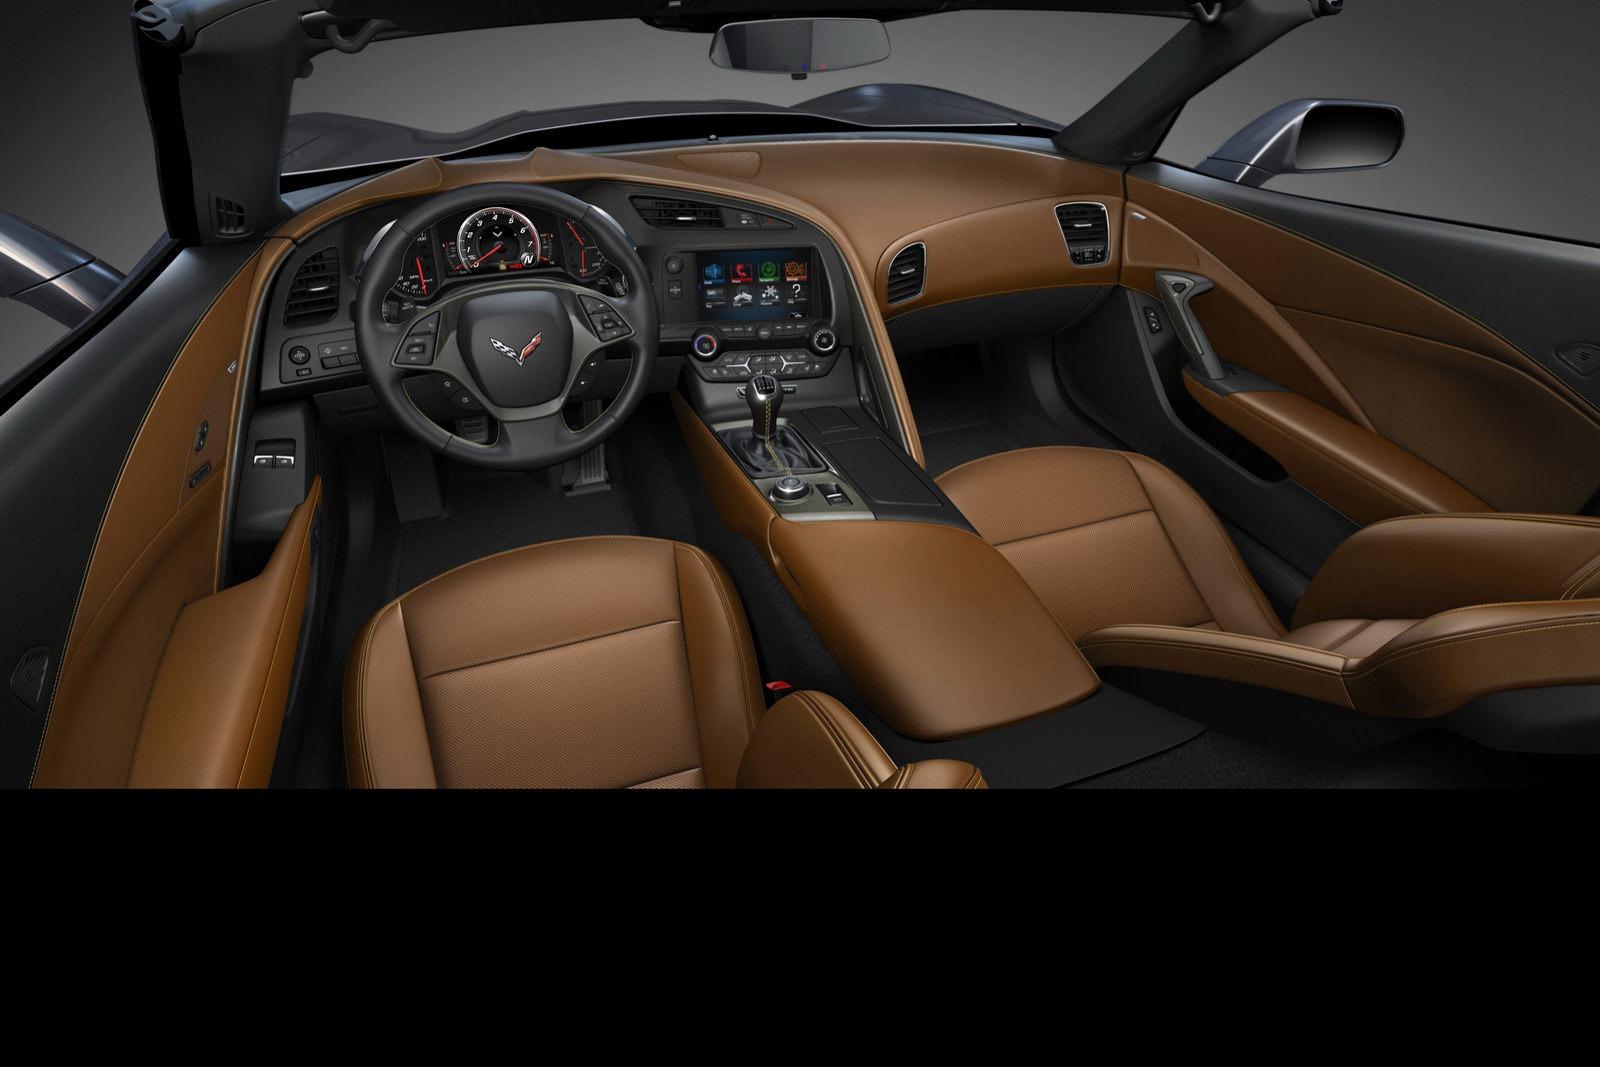 2014 Chevrolet Corvette C7 Interior-1 - ForceGT.com